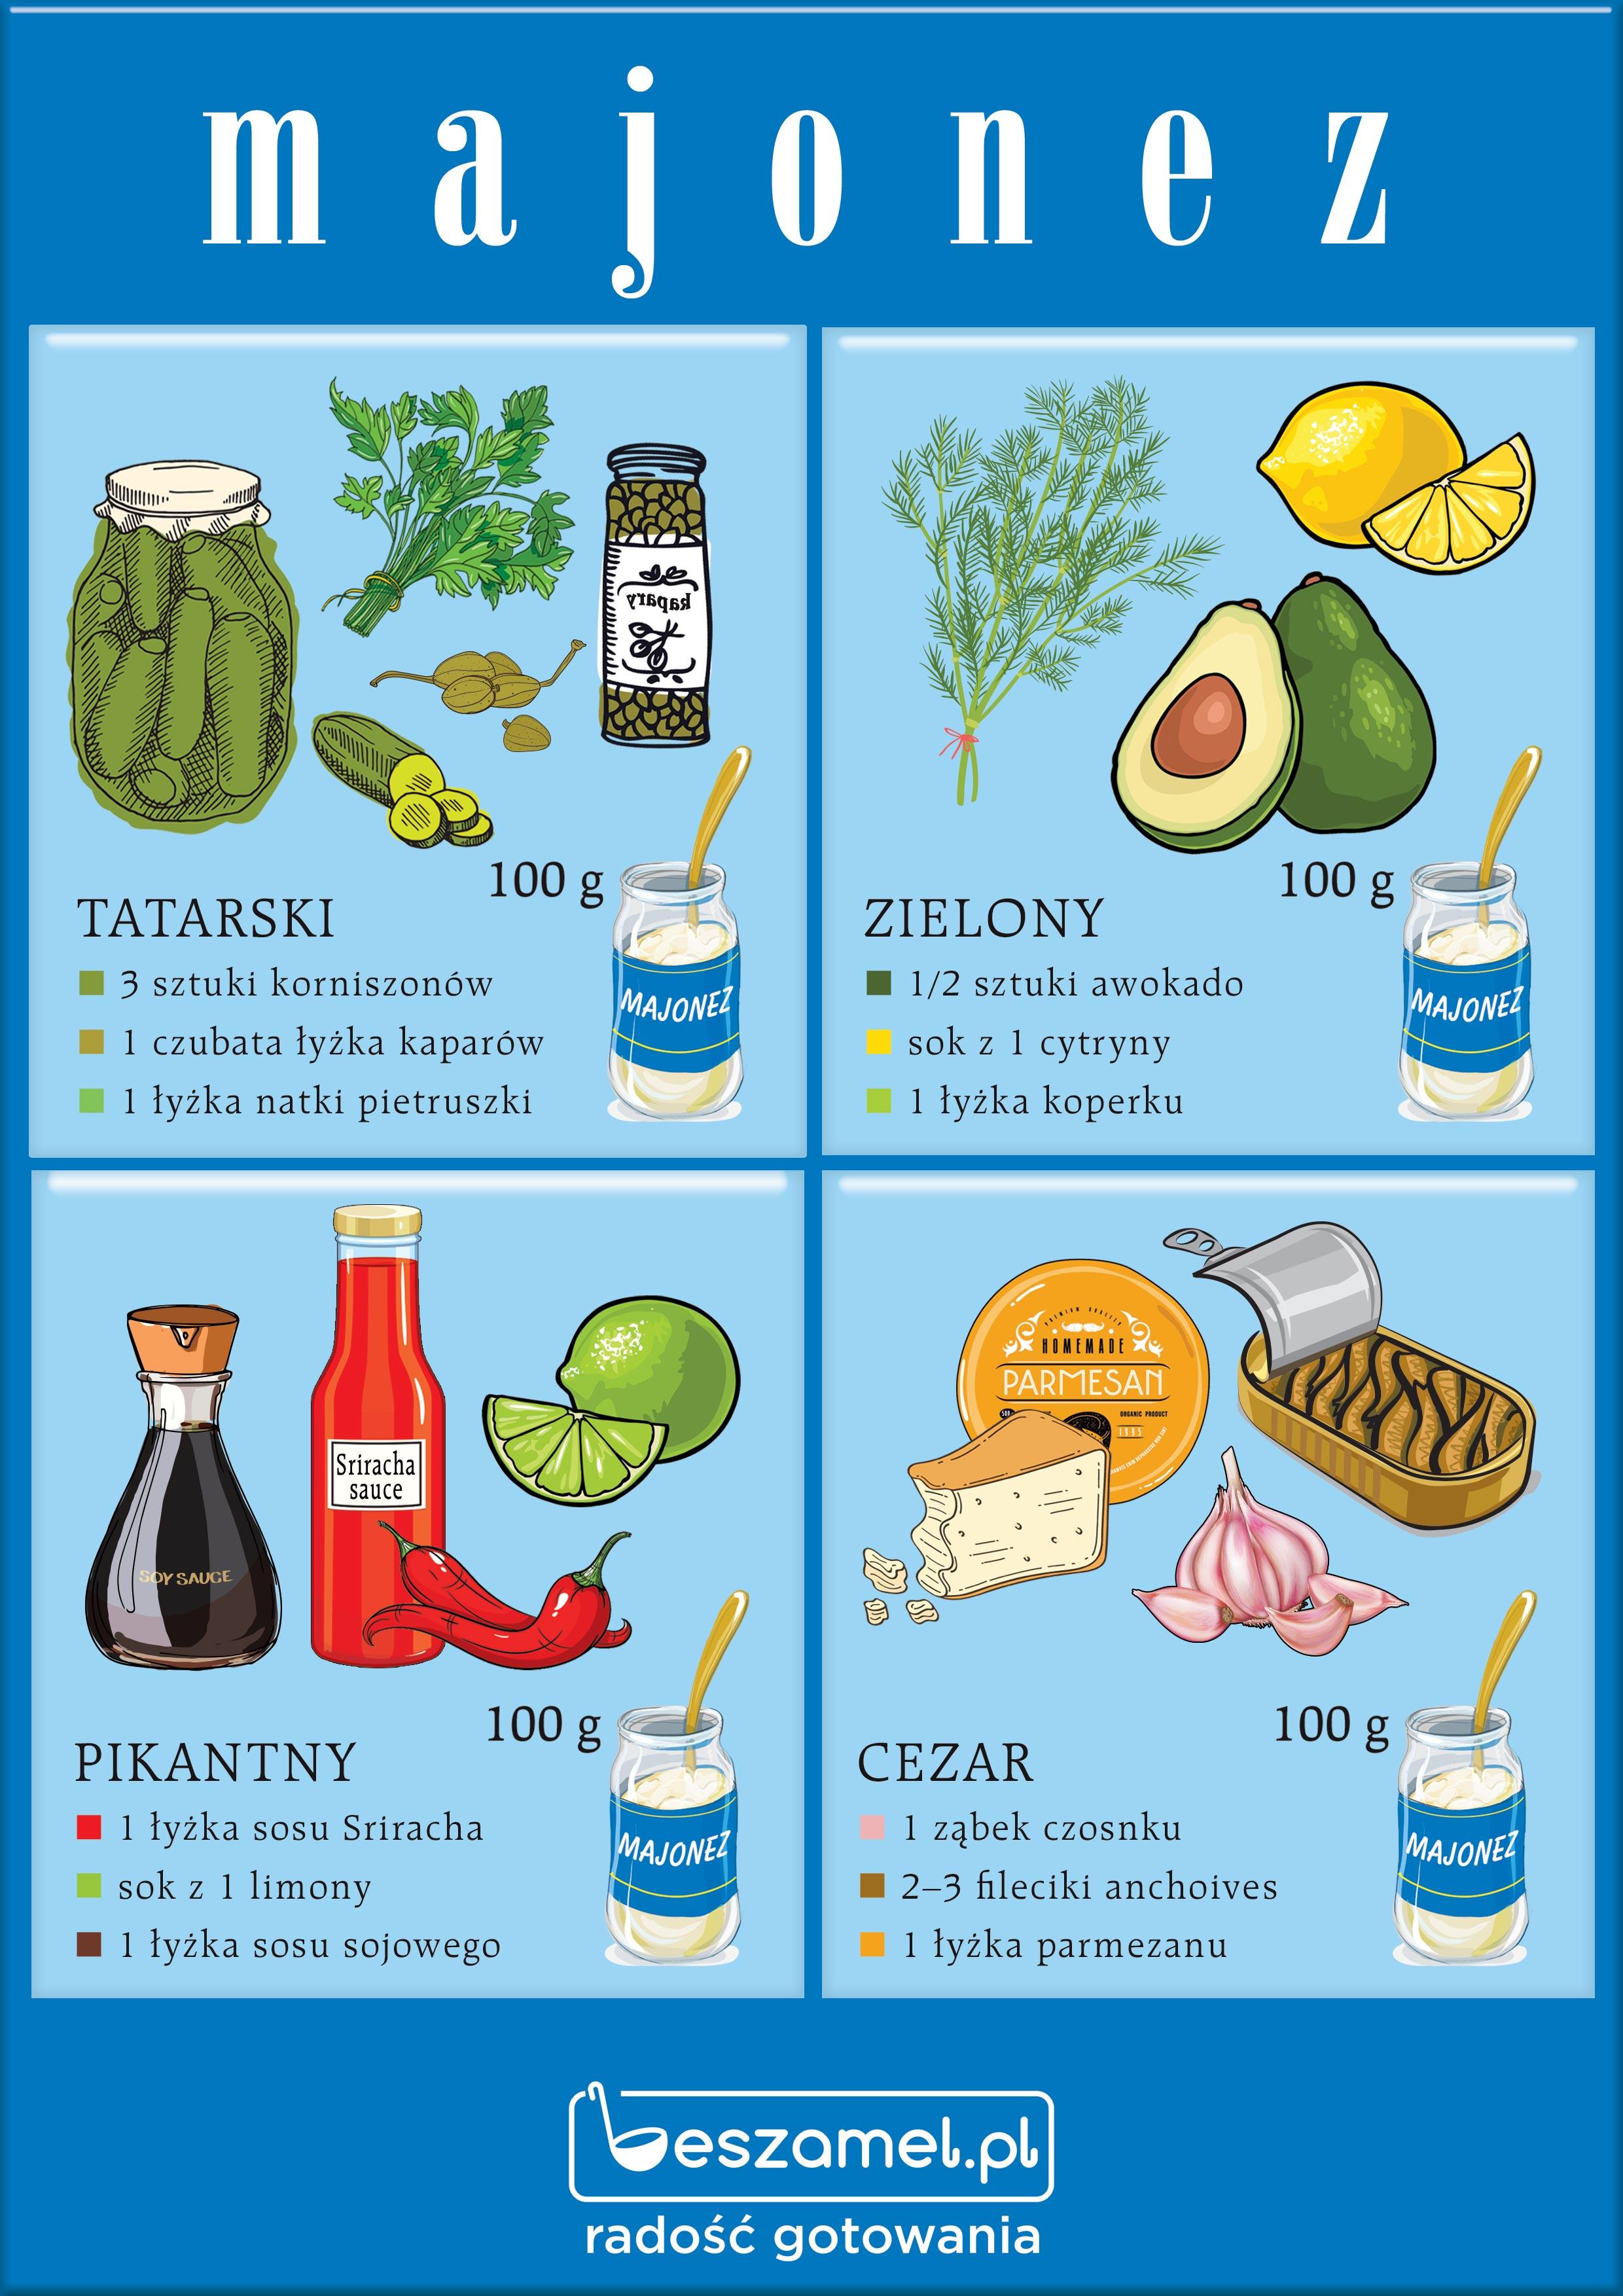 4 sprytne sposoby na urozmaicenie majonezu